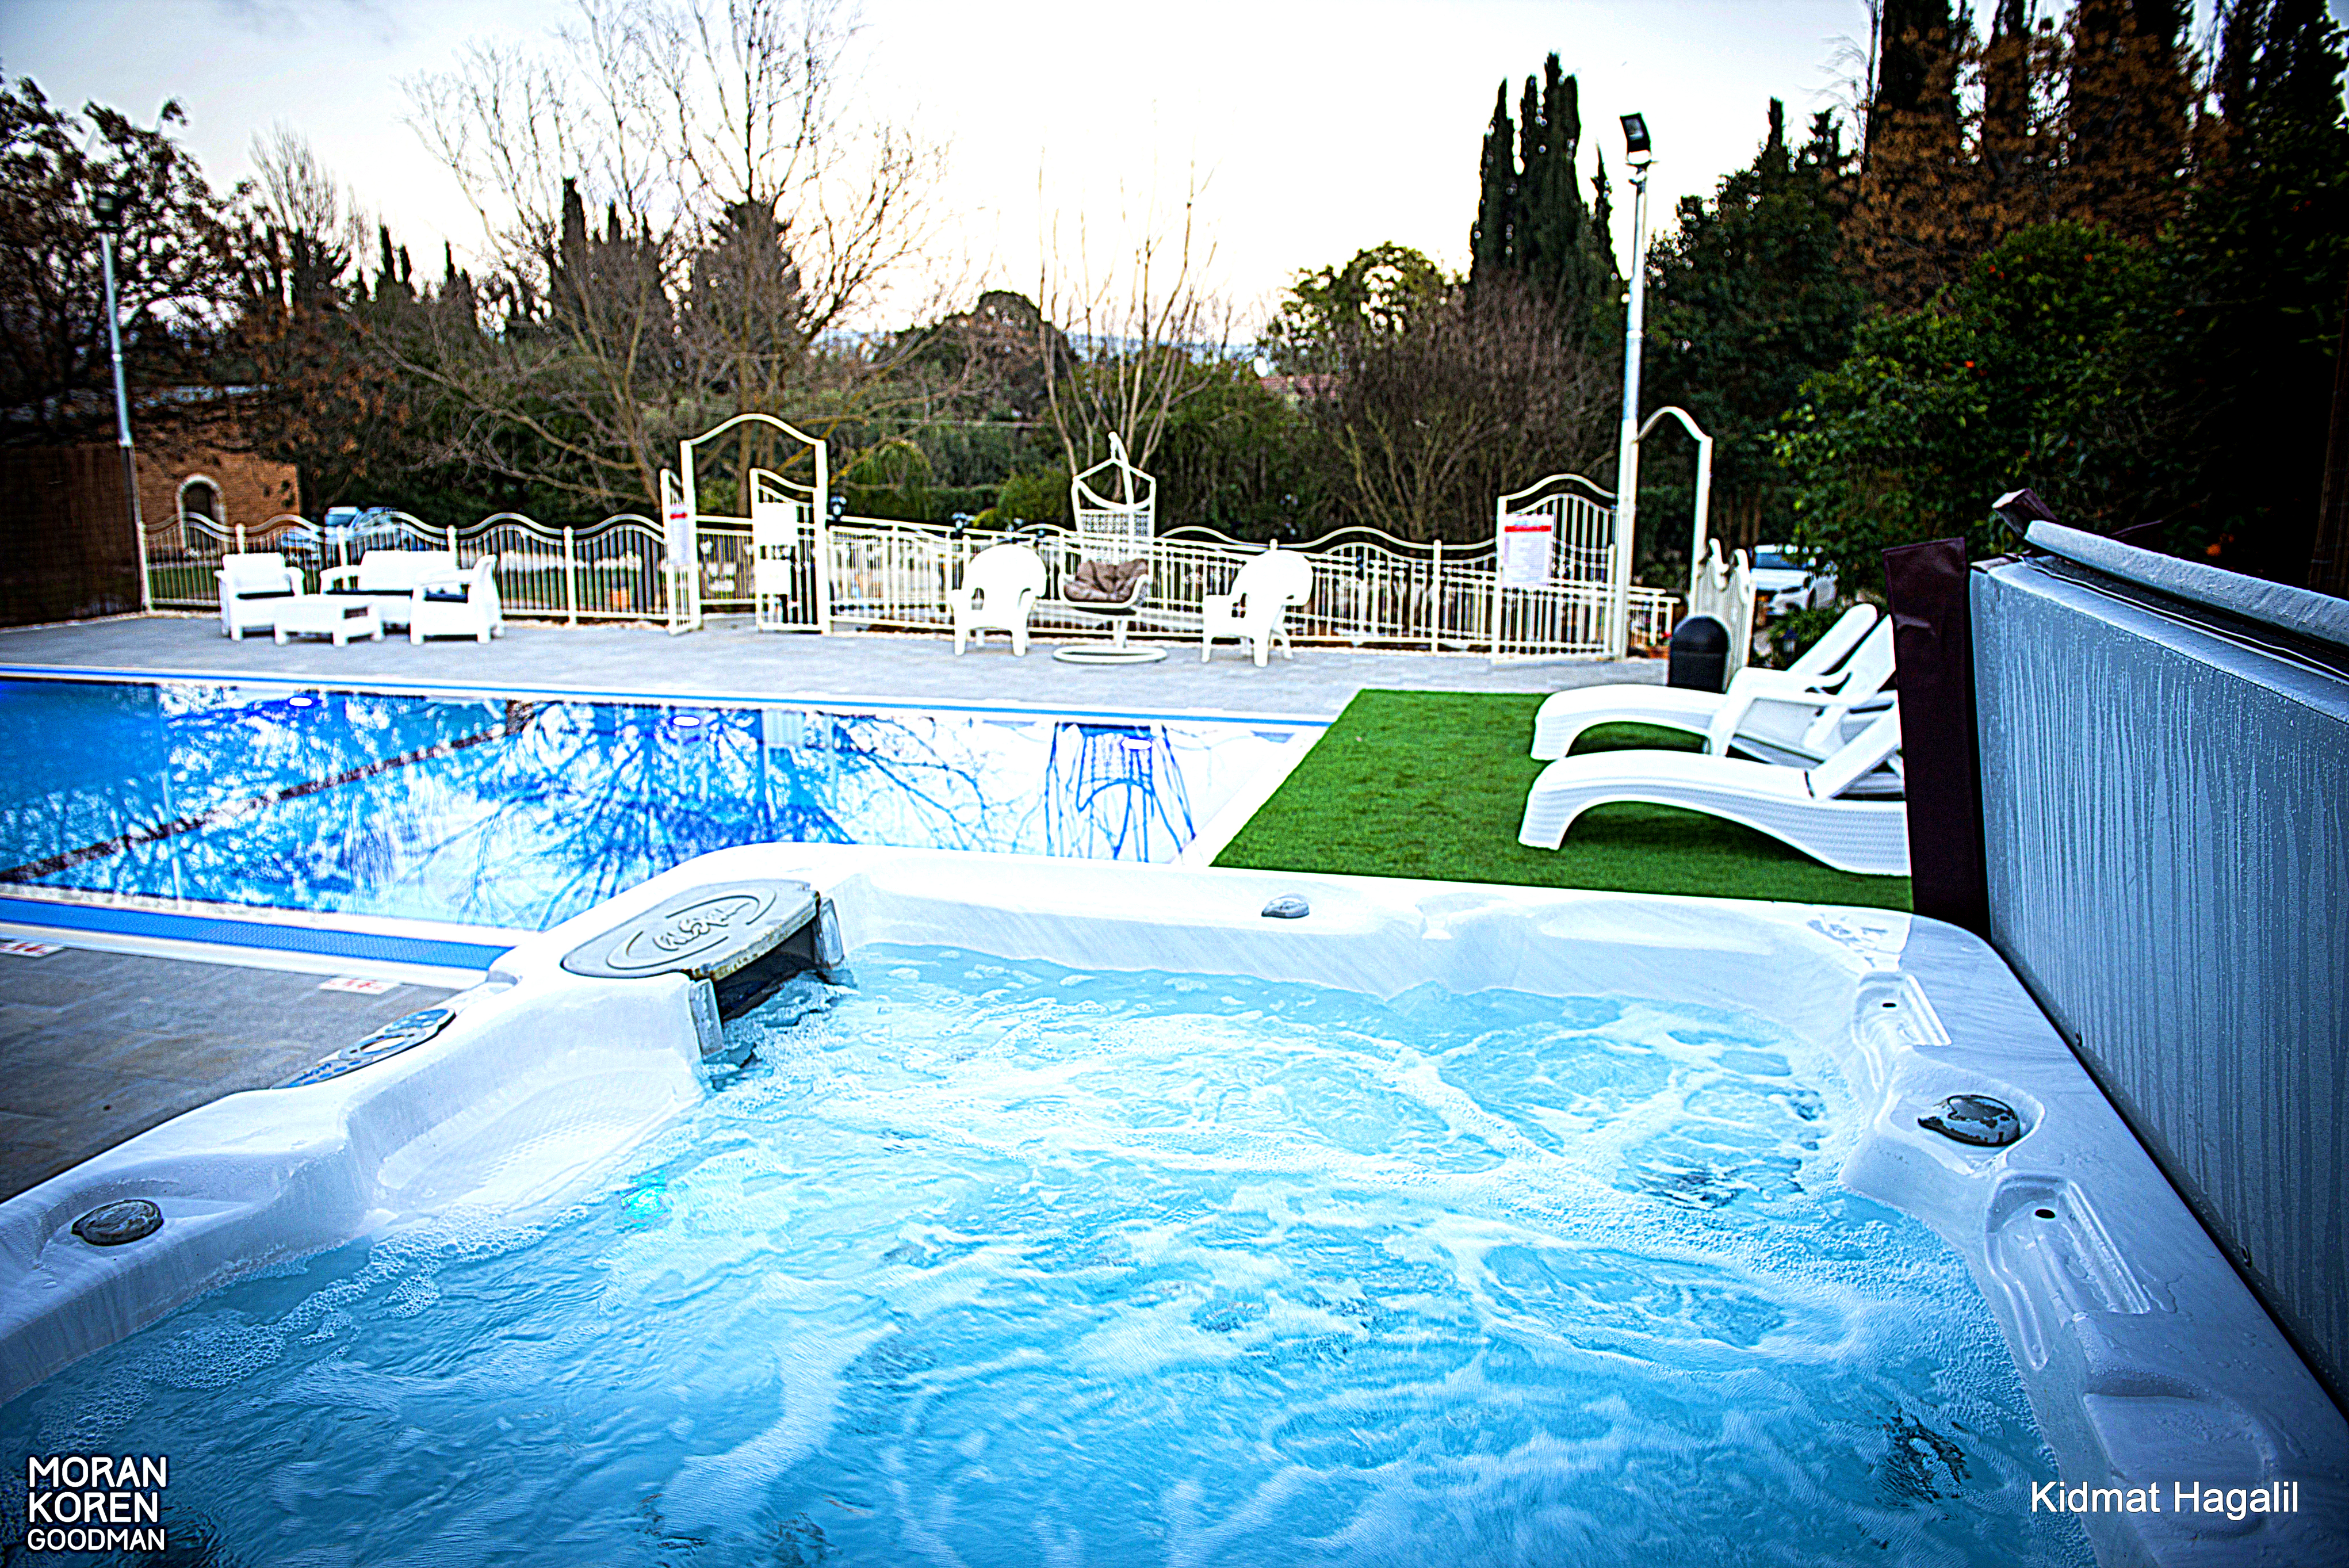 הג'קוזי ספא והבריכה במתחם הבריכה